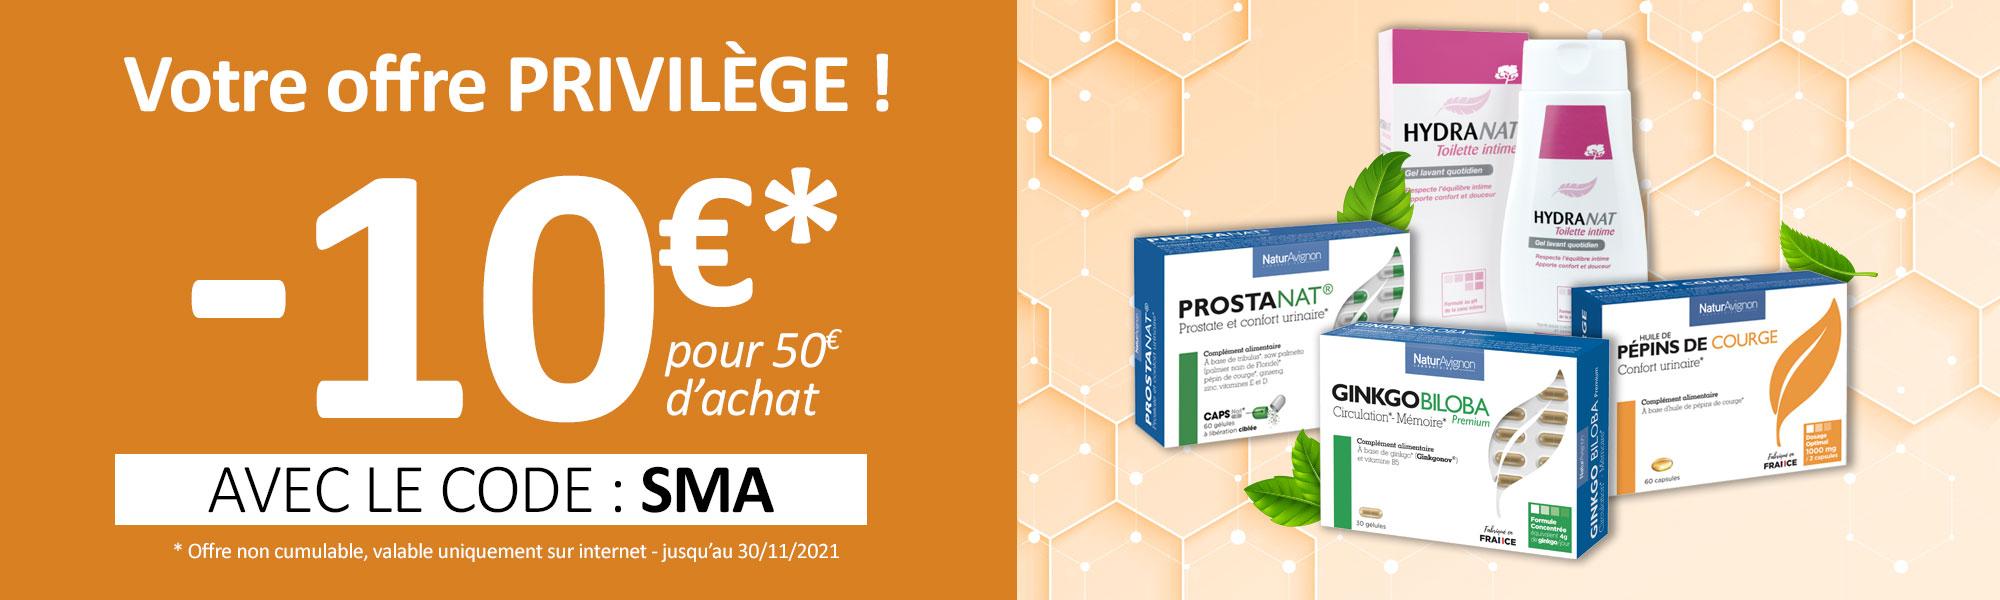 Offre privilège : 10 € offerts dès 50€ d'achat avec le code SMA